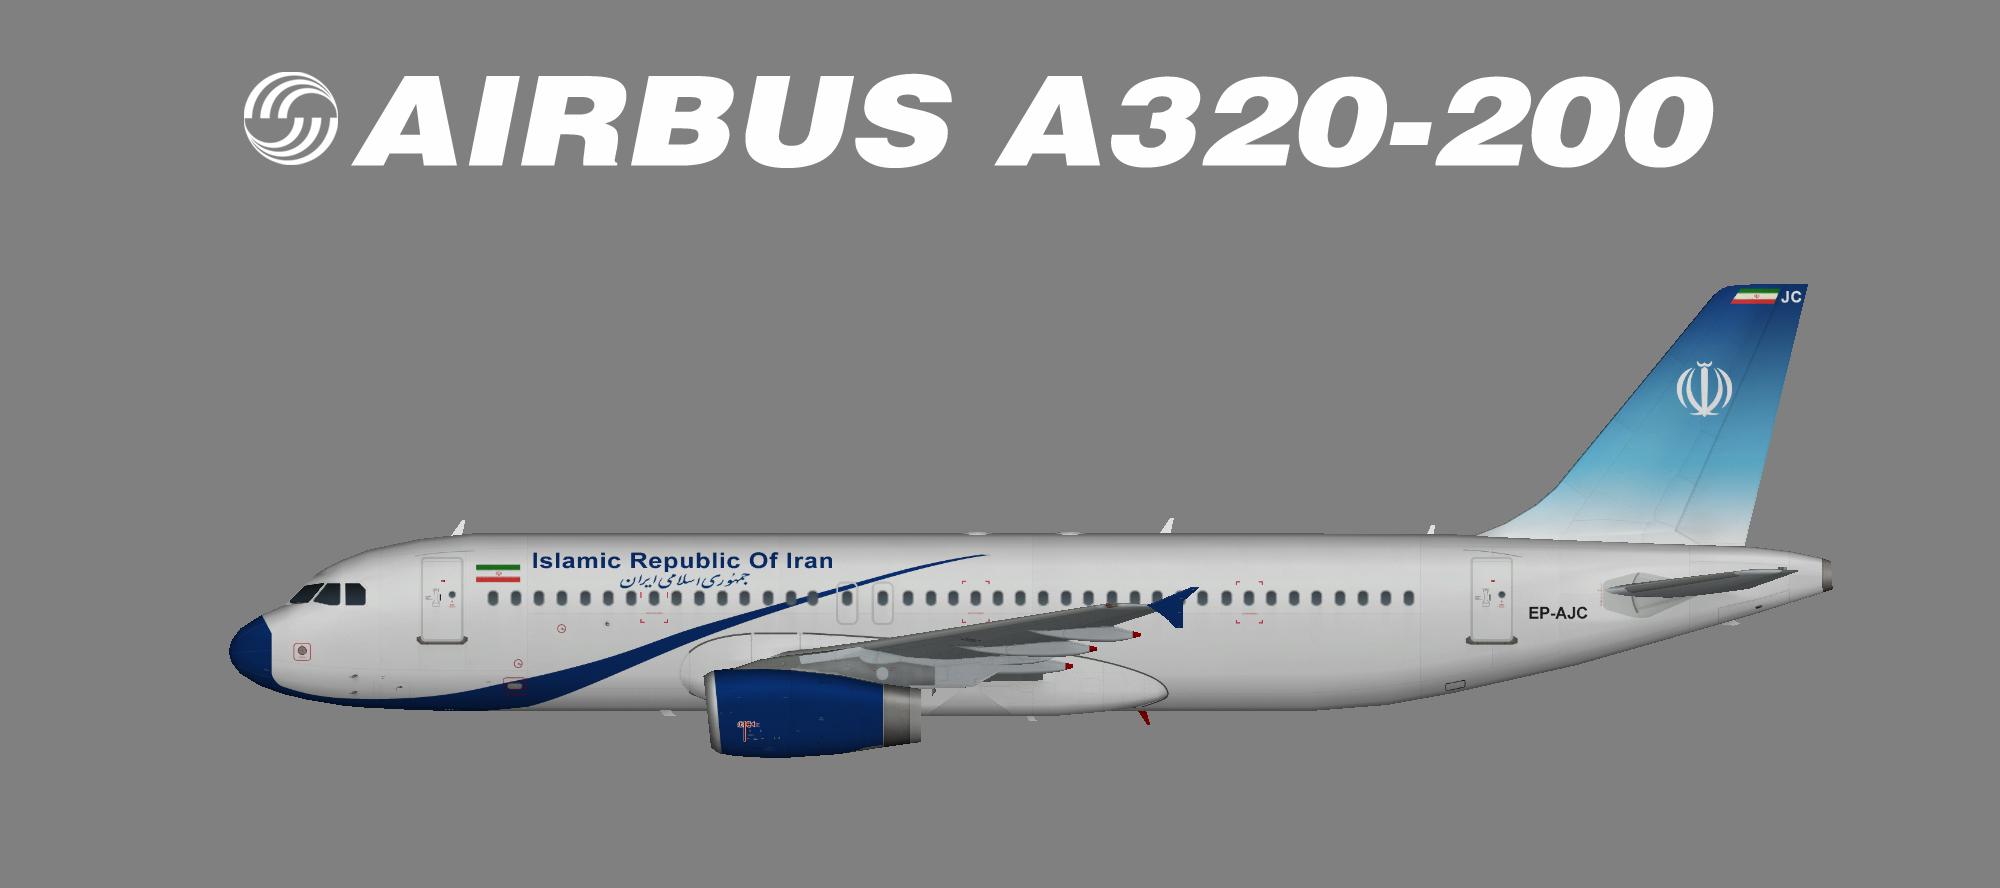 Iran Government A320-200